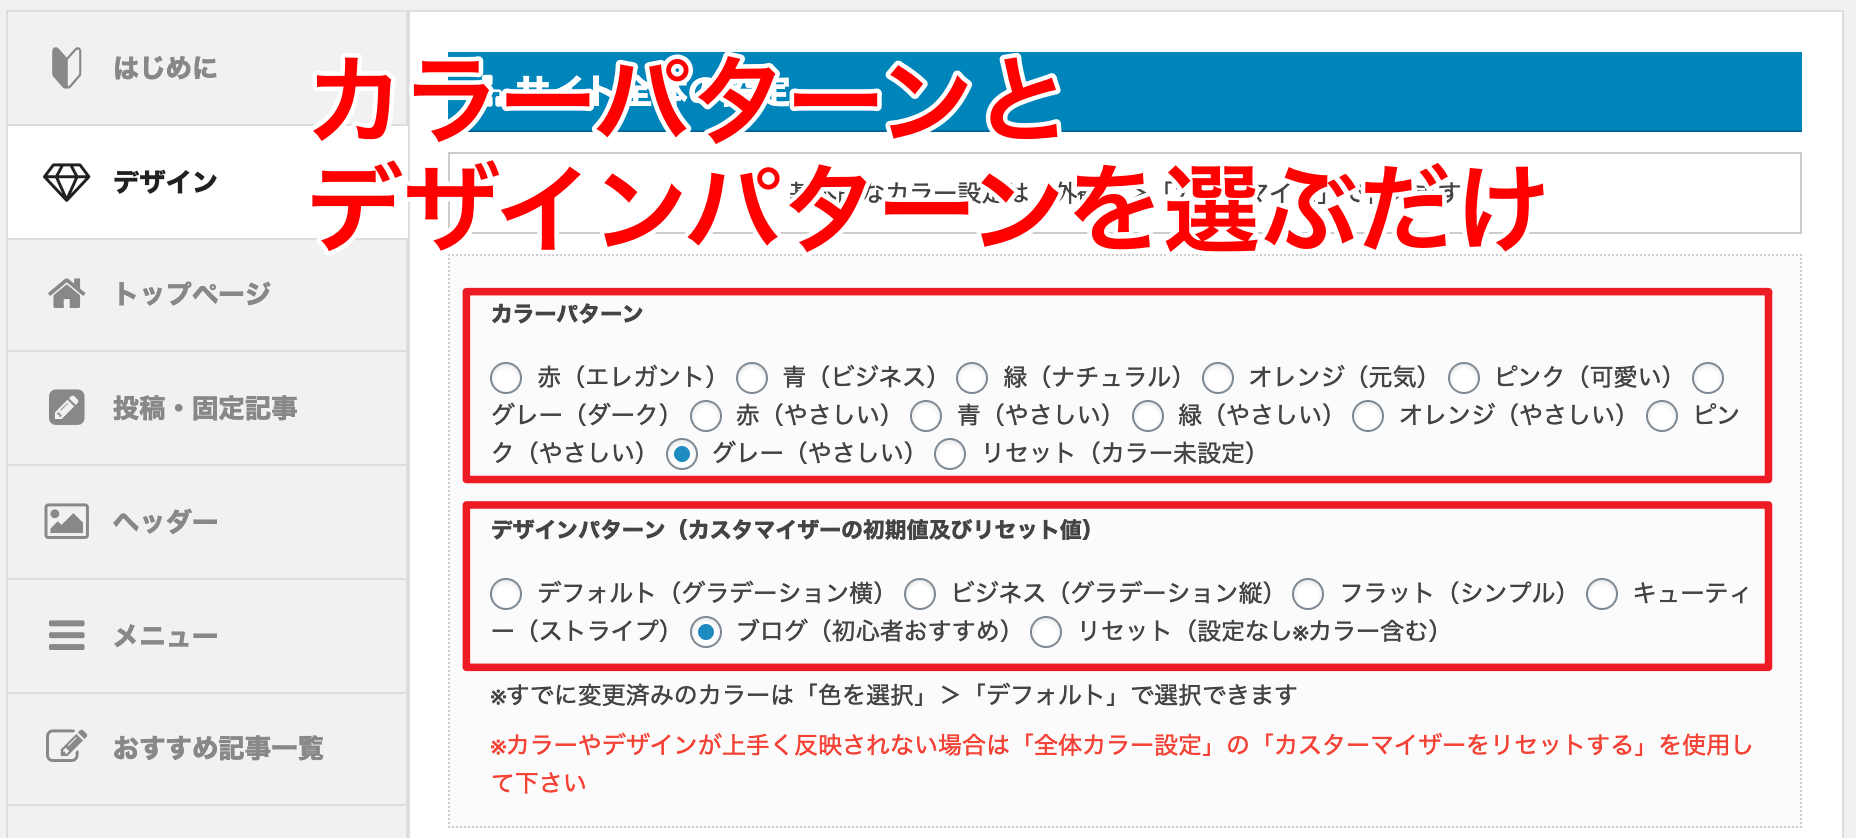 アフィンガー5管理画面(デザイン)